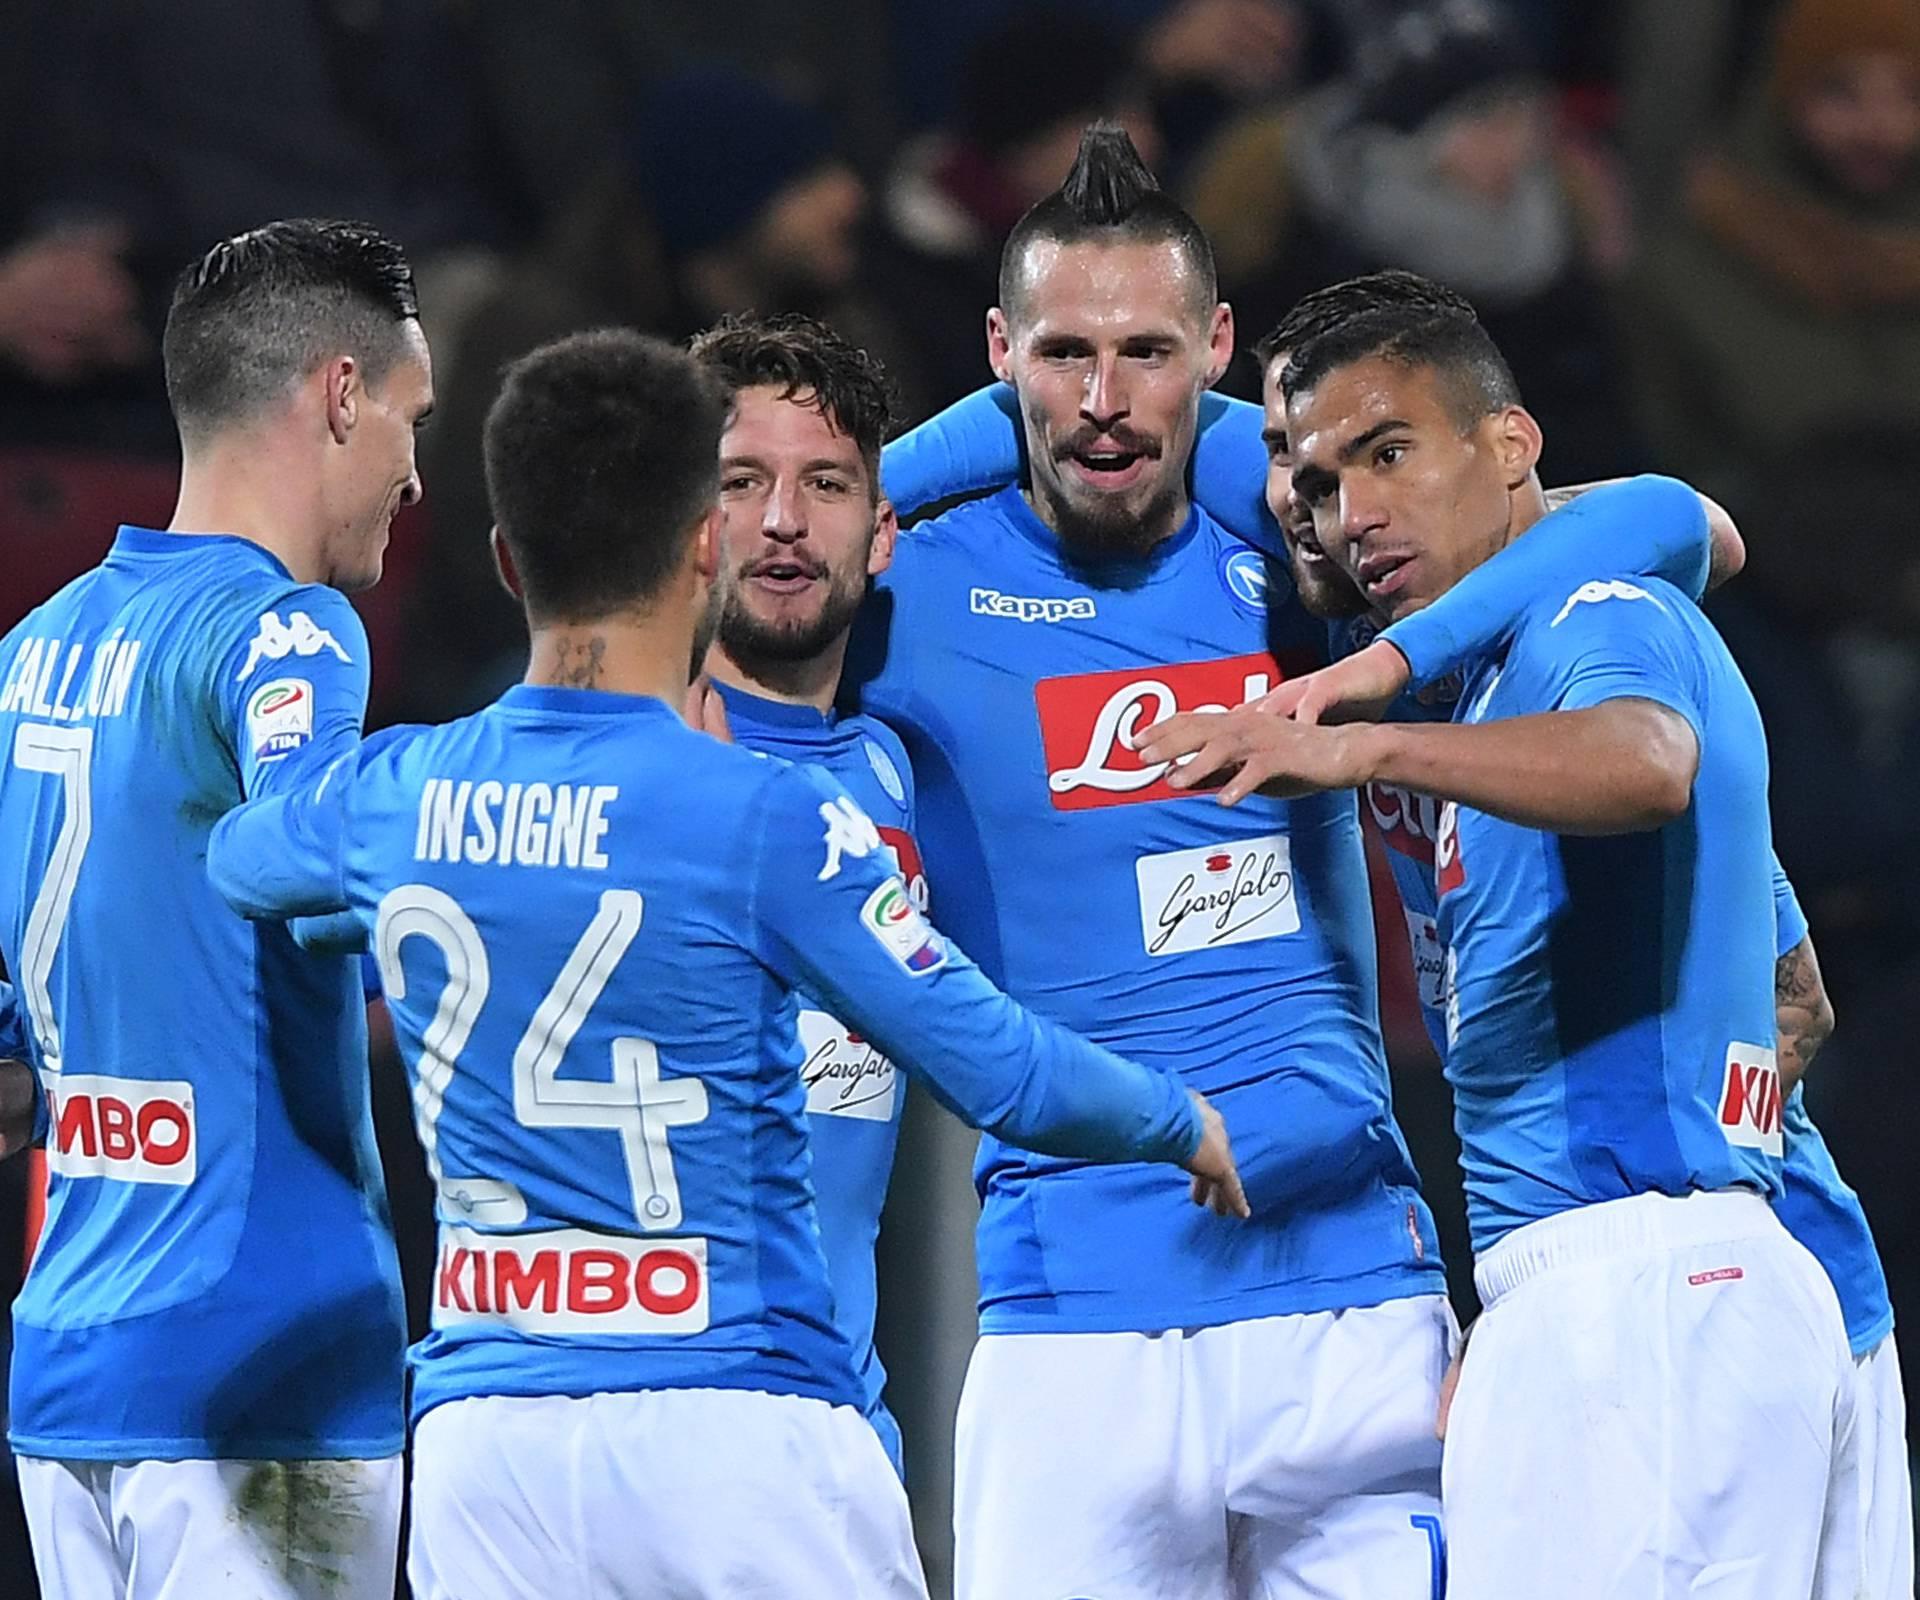 Serie A - Cagliari Calcio vs Napoli